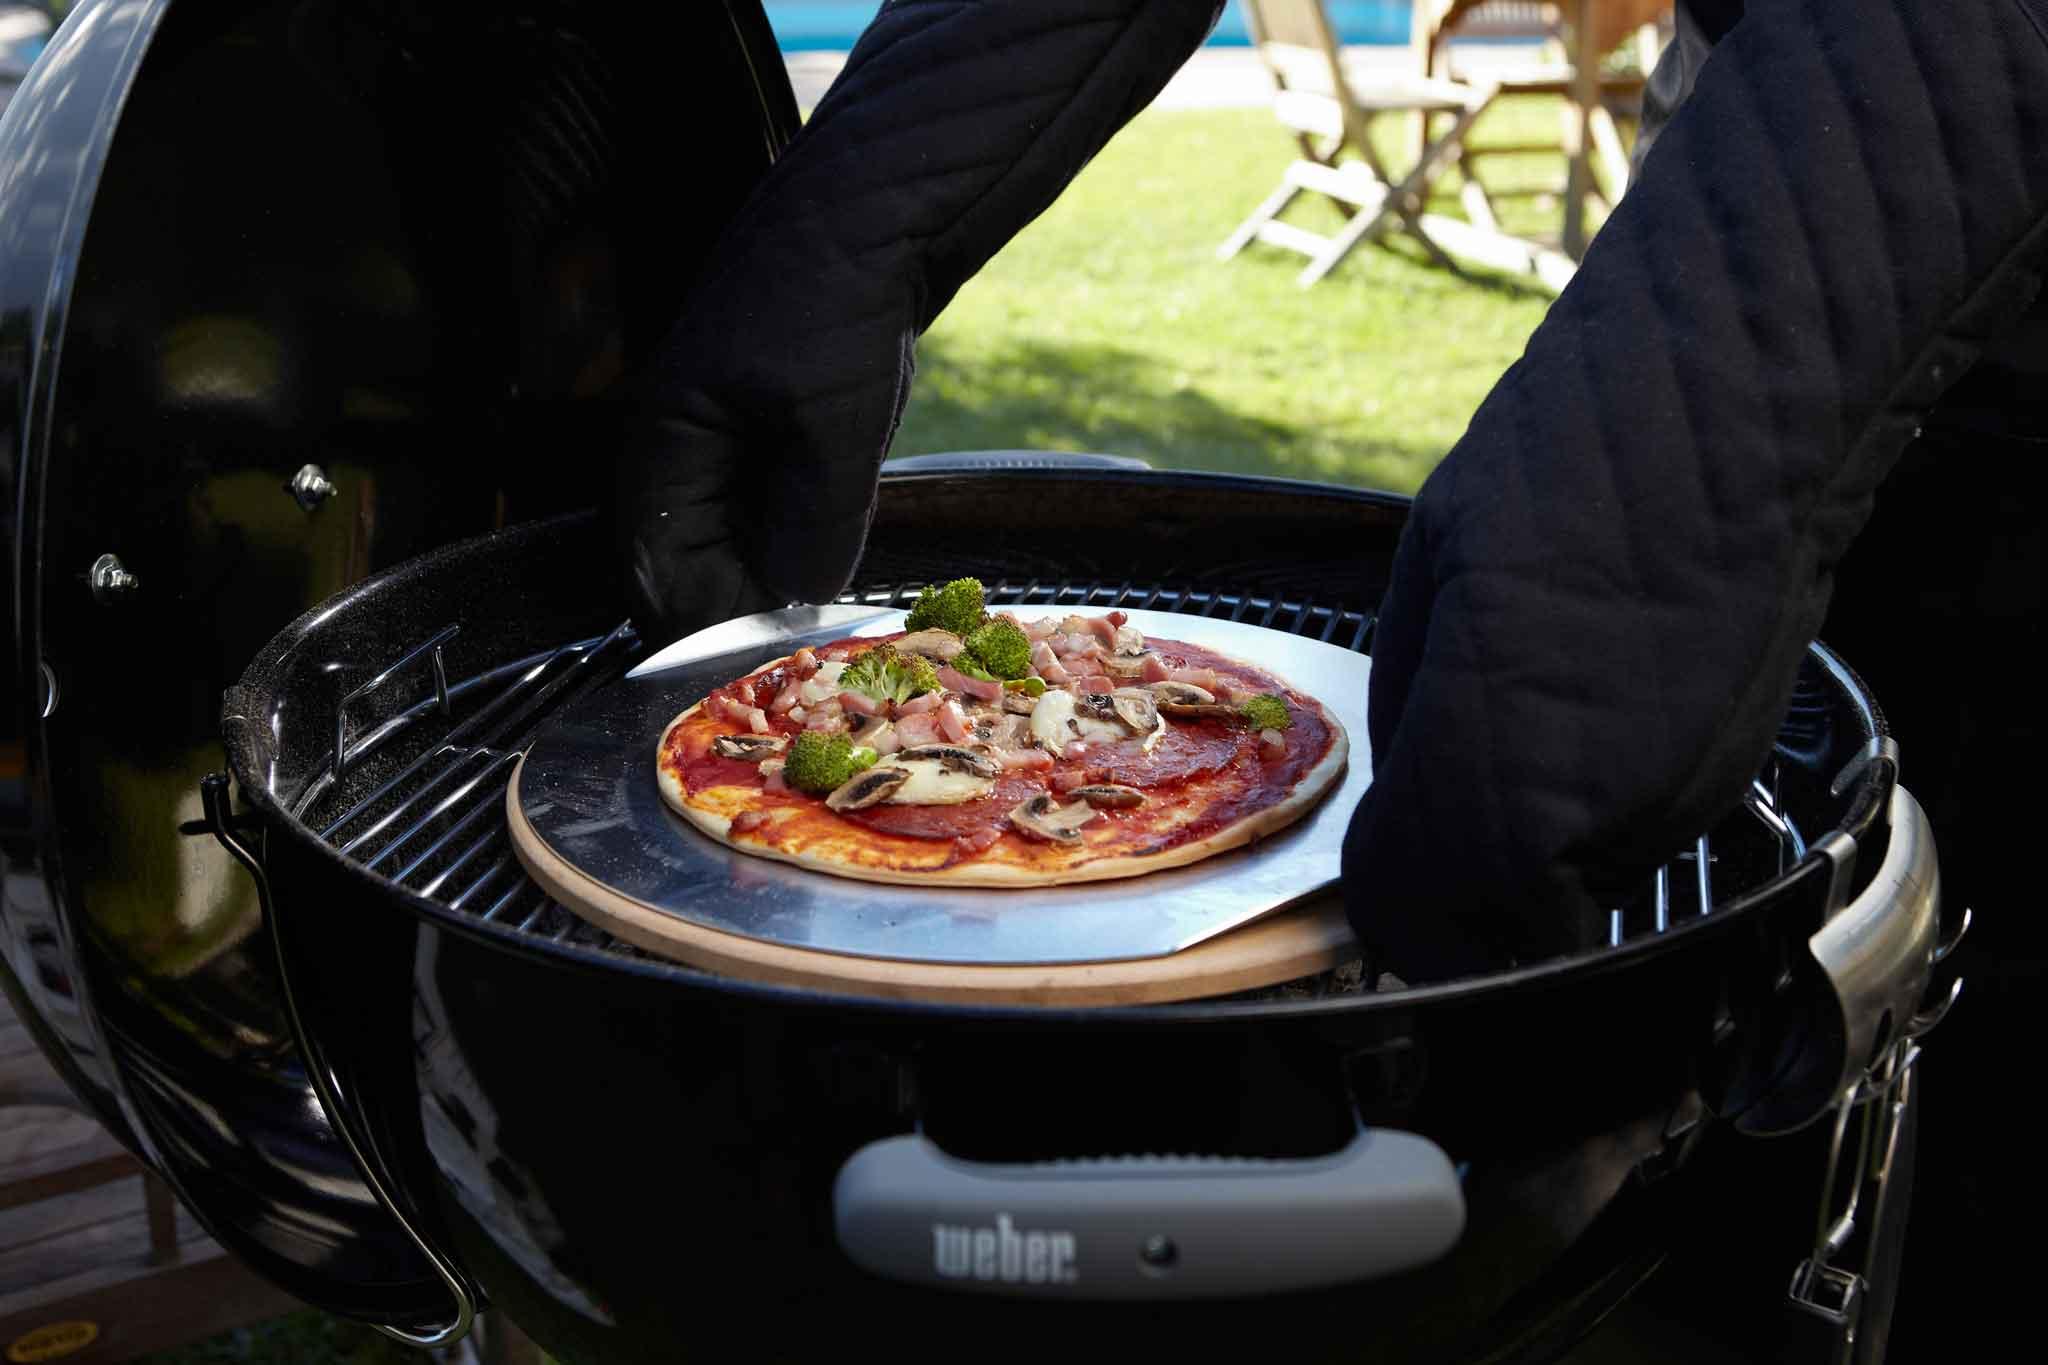 pizza sul barbecue